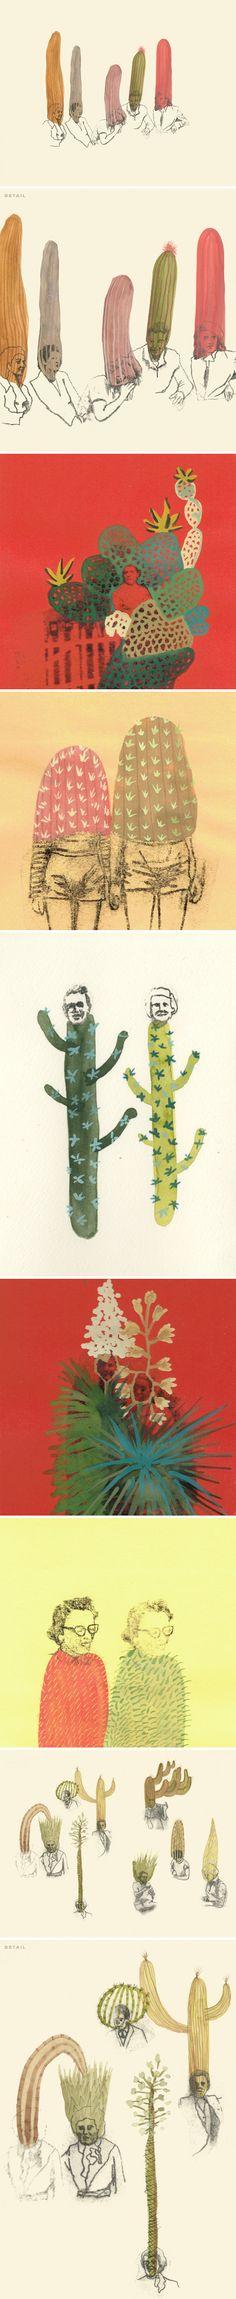 ARTE: I post-it dipinti di Ashley Mistriel | Cactus e fiori in... - Osso Magazine